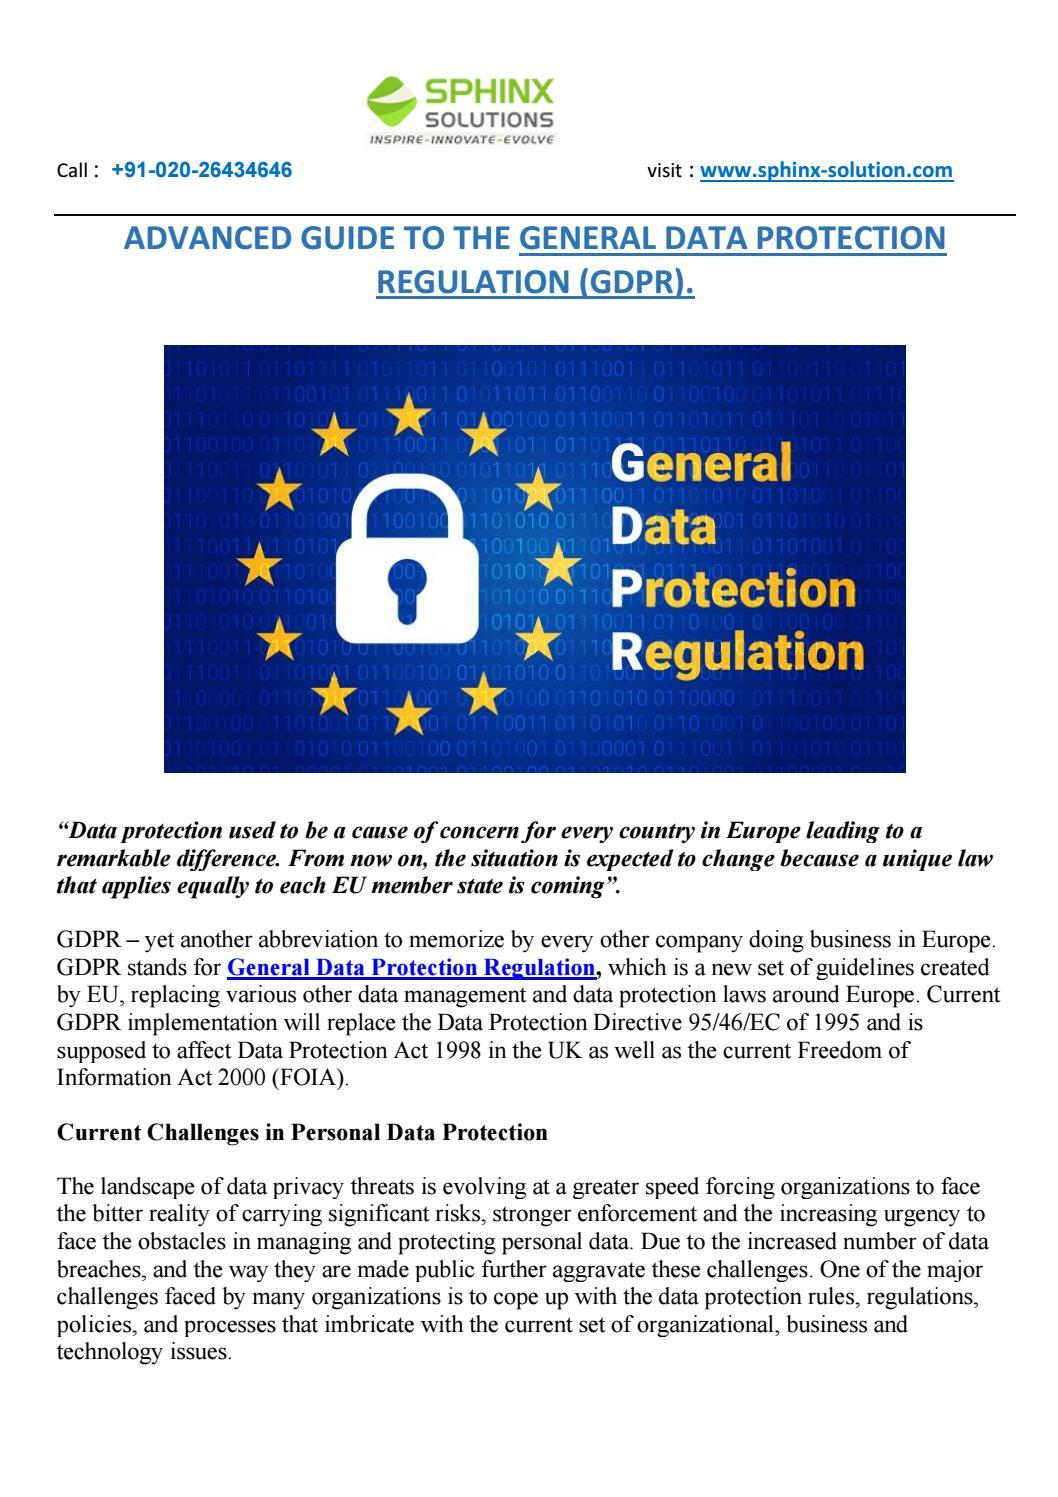 eu data protection law enforcement directive - HD1058×1497